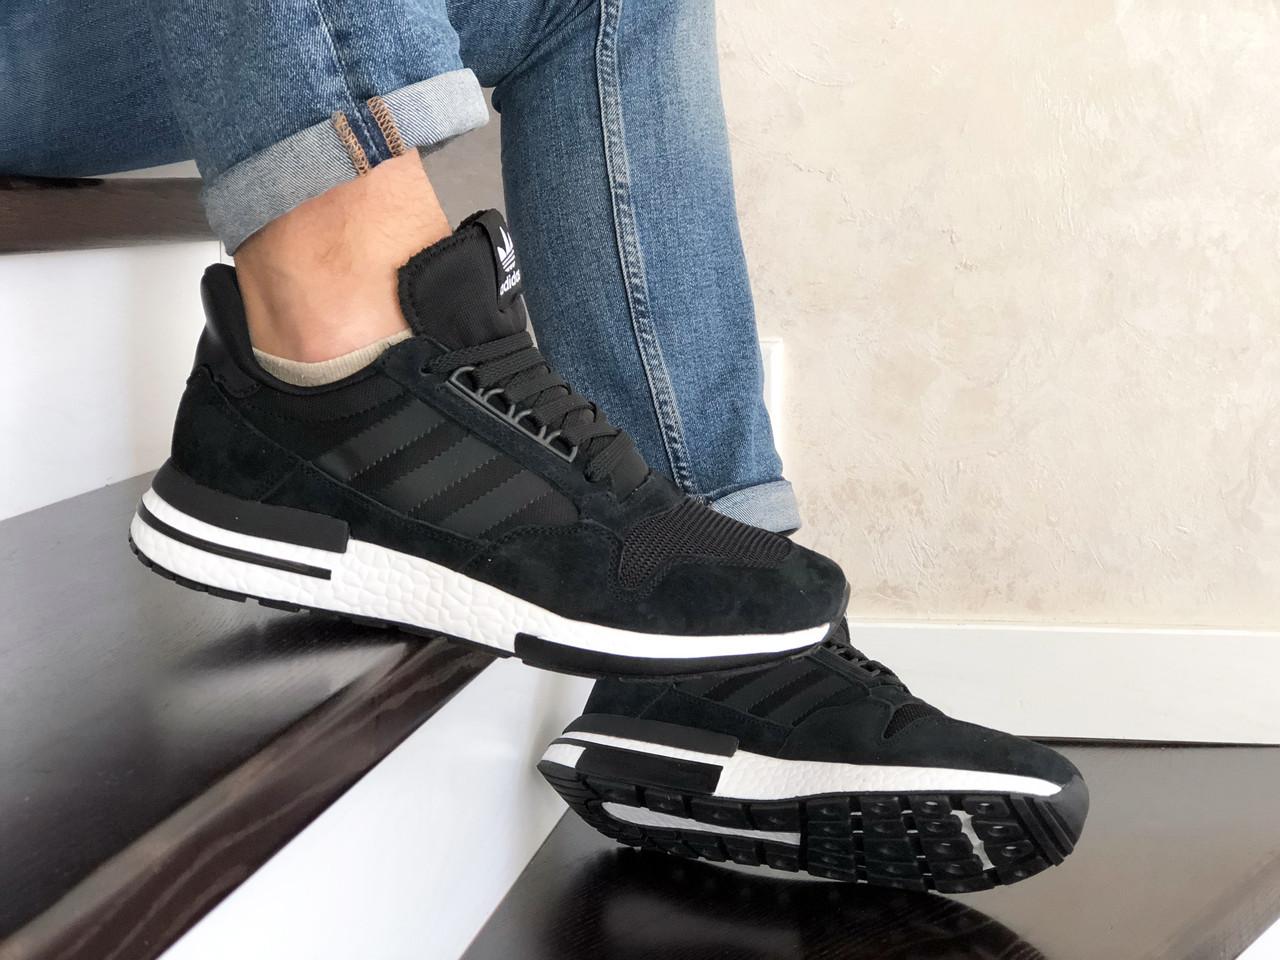 Чоловічі кросівки Adidas Zx 500 Rm (чорно-білі) стильна спортивна взуття B10485